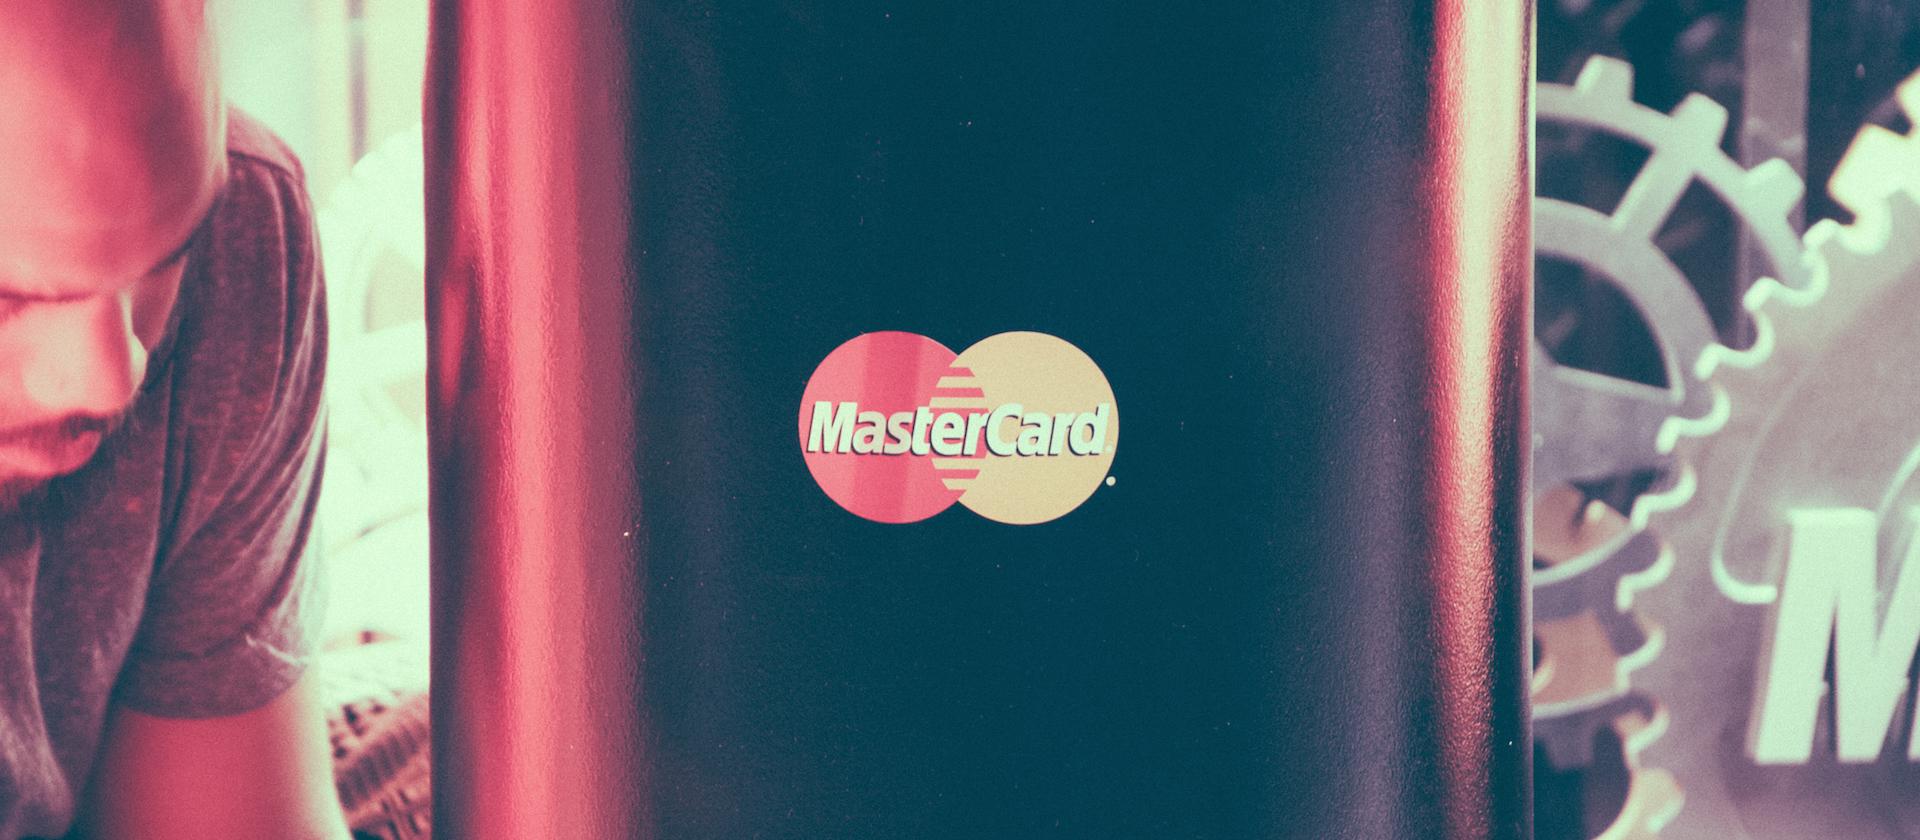 MasterCard Oscars 2016 - John Ozbay